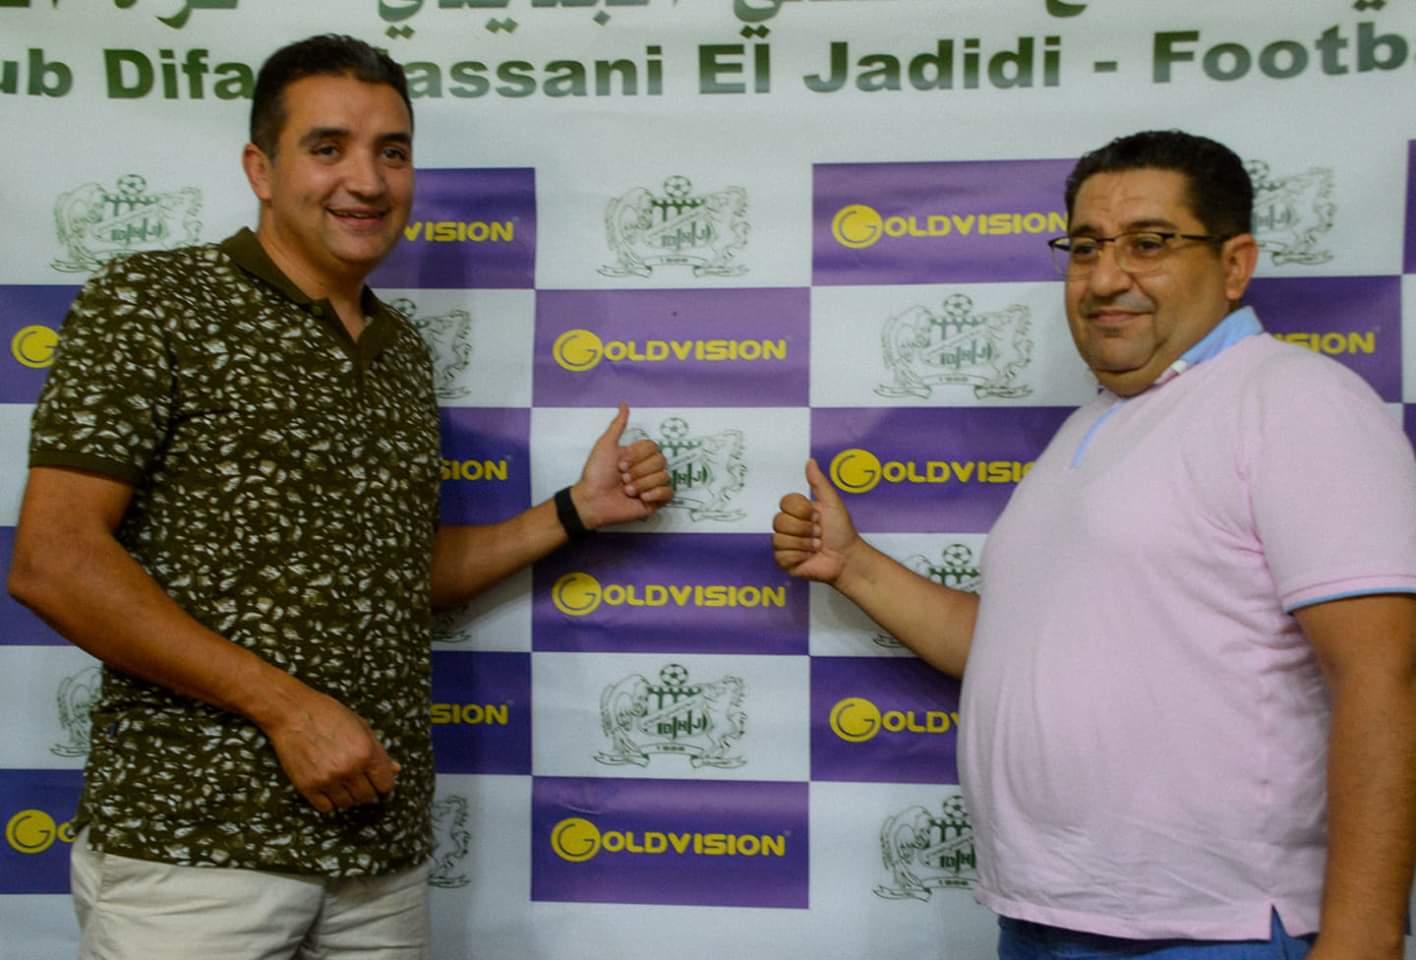 توقيع اتفاقية شراكة بين الدفاع الحسني الجديدي و شركة 'Goldvision' الرقمية